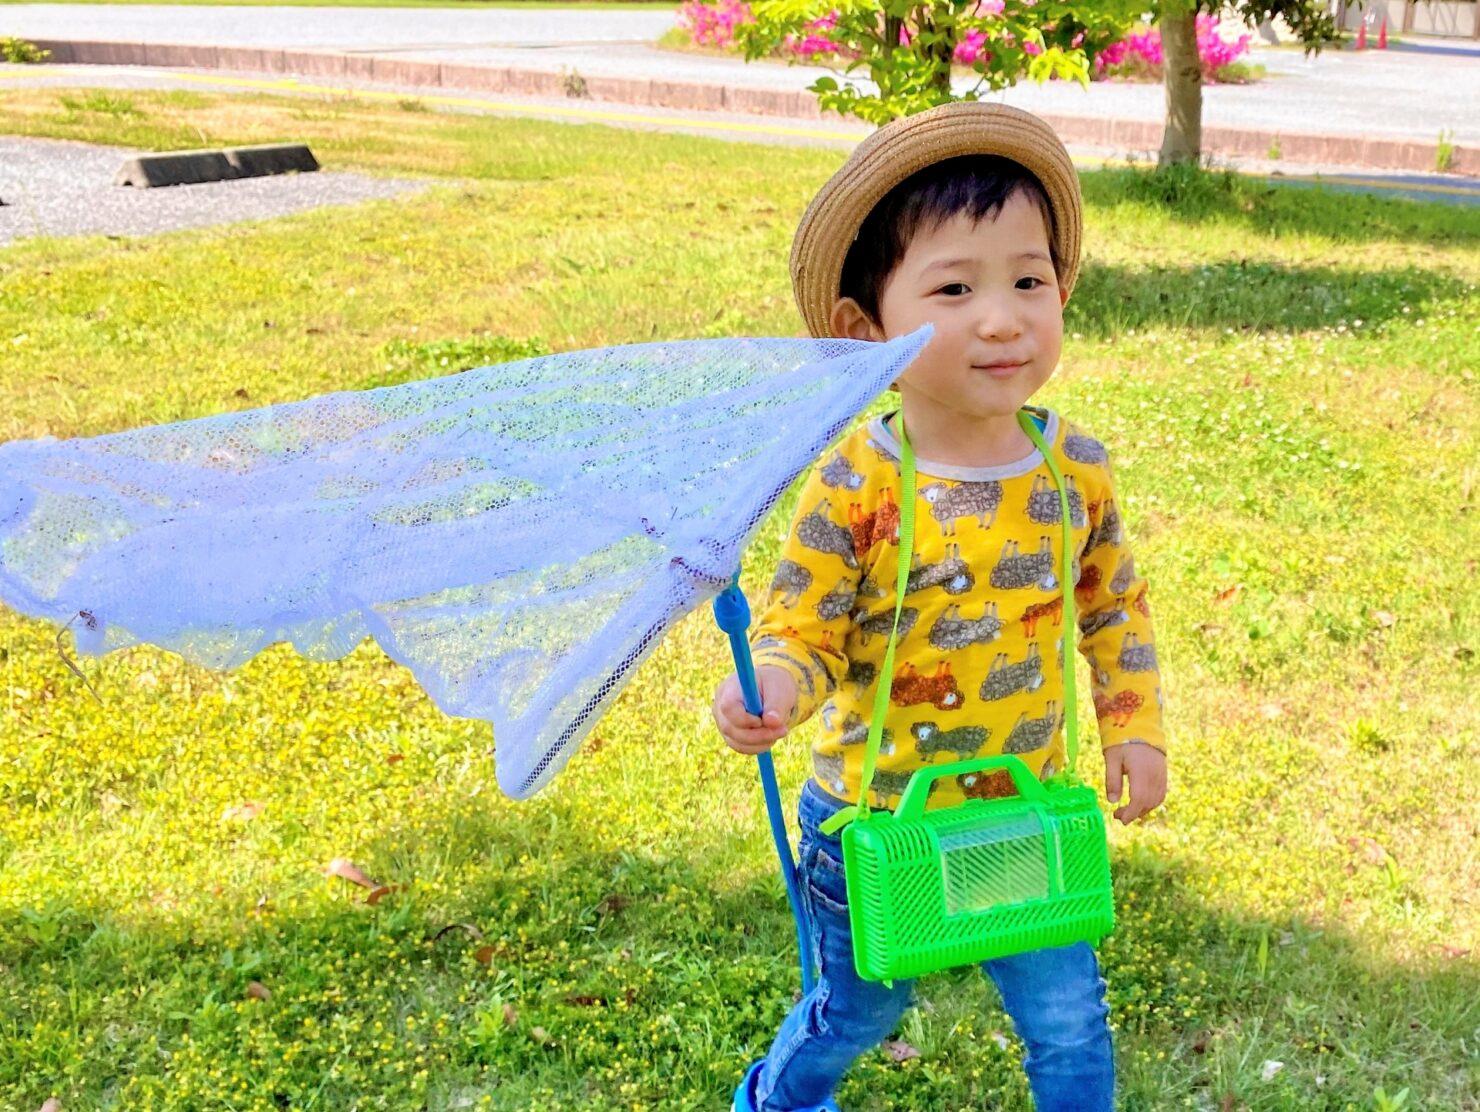 虫かごを使って子供と一緒に昆虫観察を楽しもう!